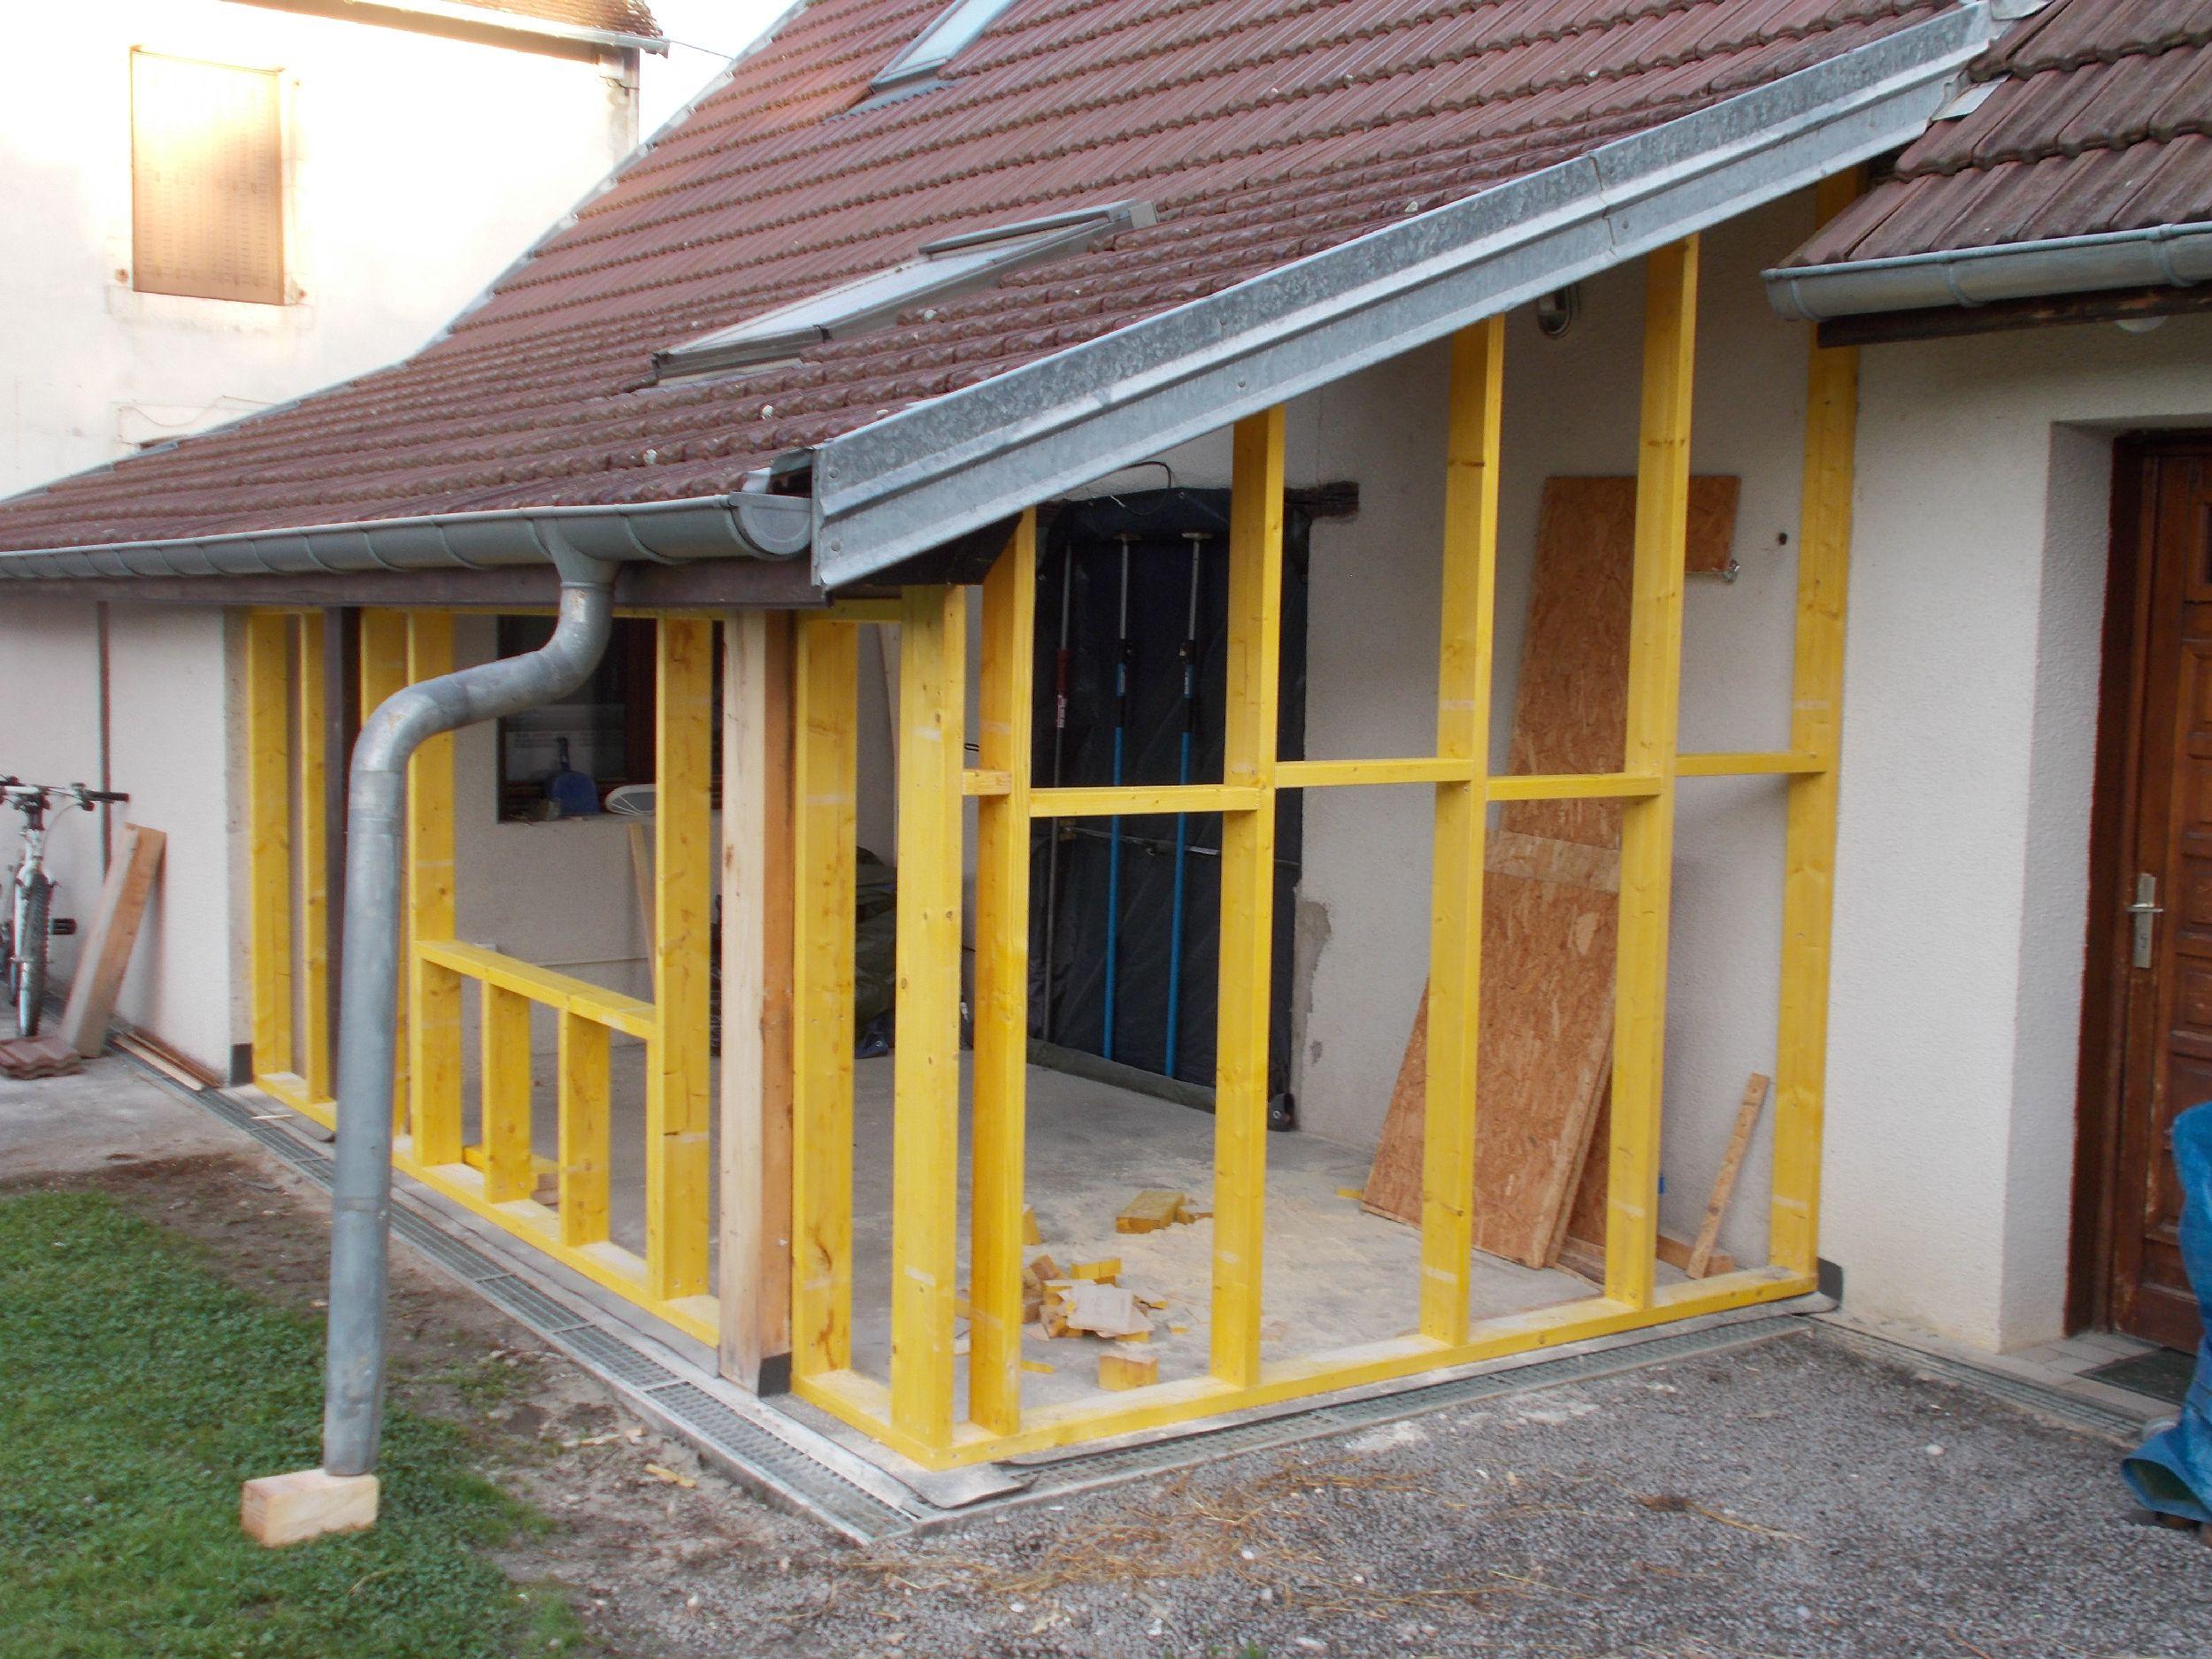 MAISON - Rénovation - Ossature